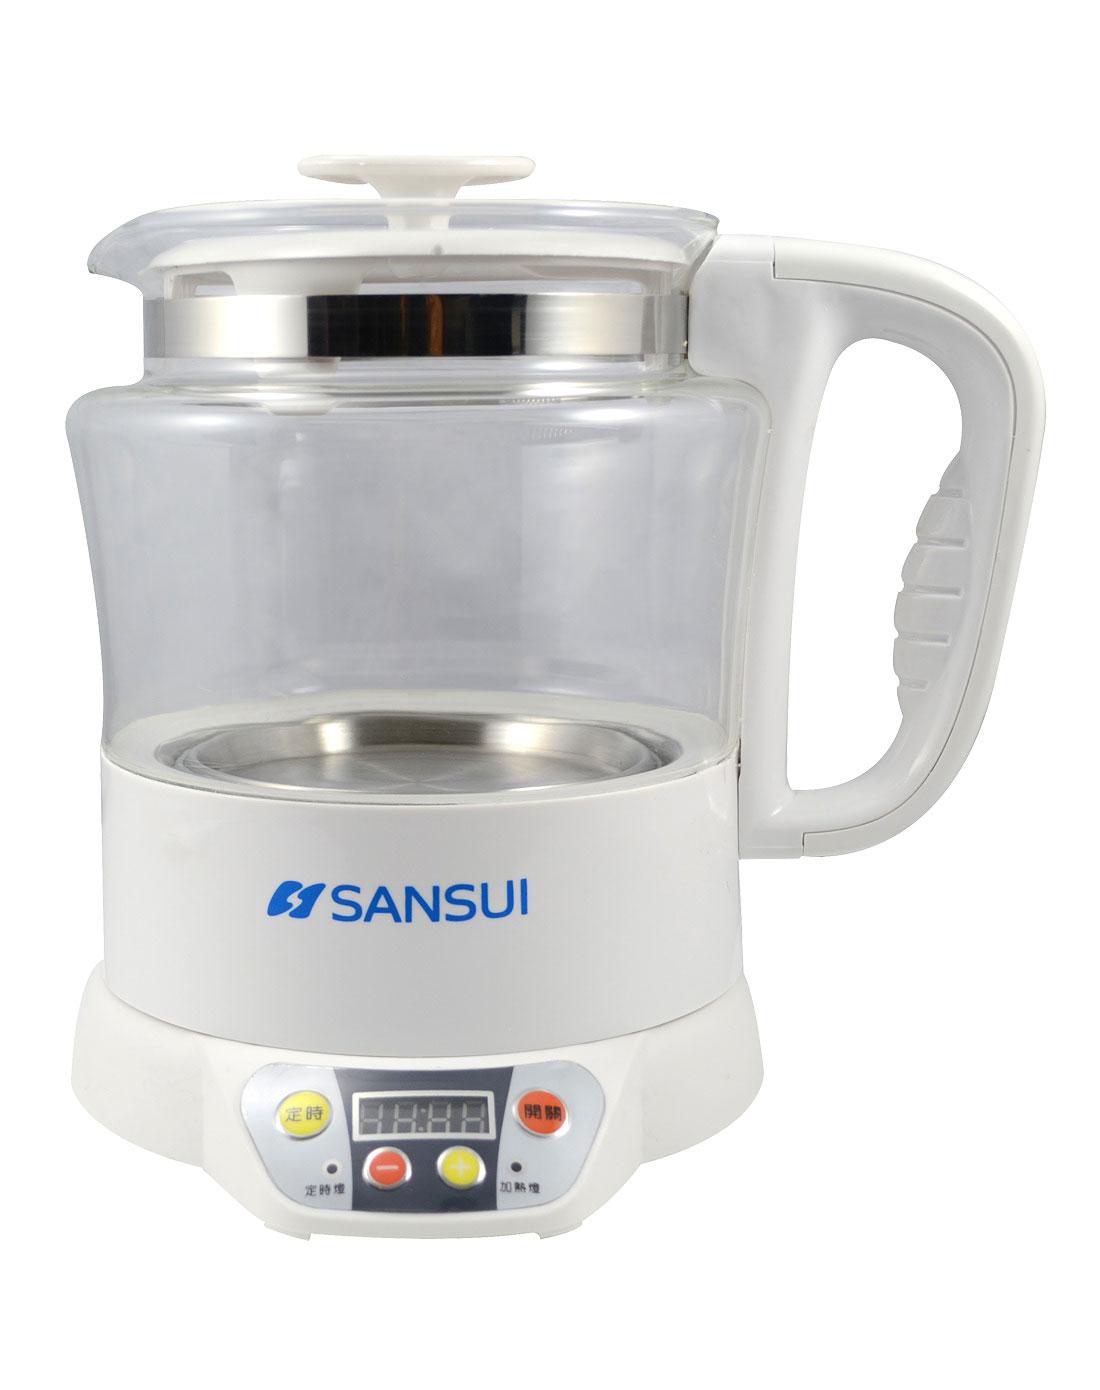 山水sansui电器专场白色分体全自动玻璃养生壶hbz